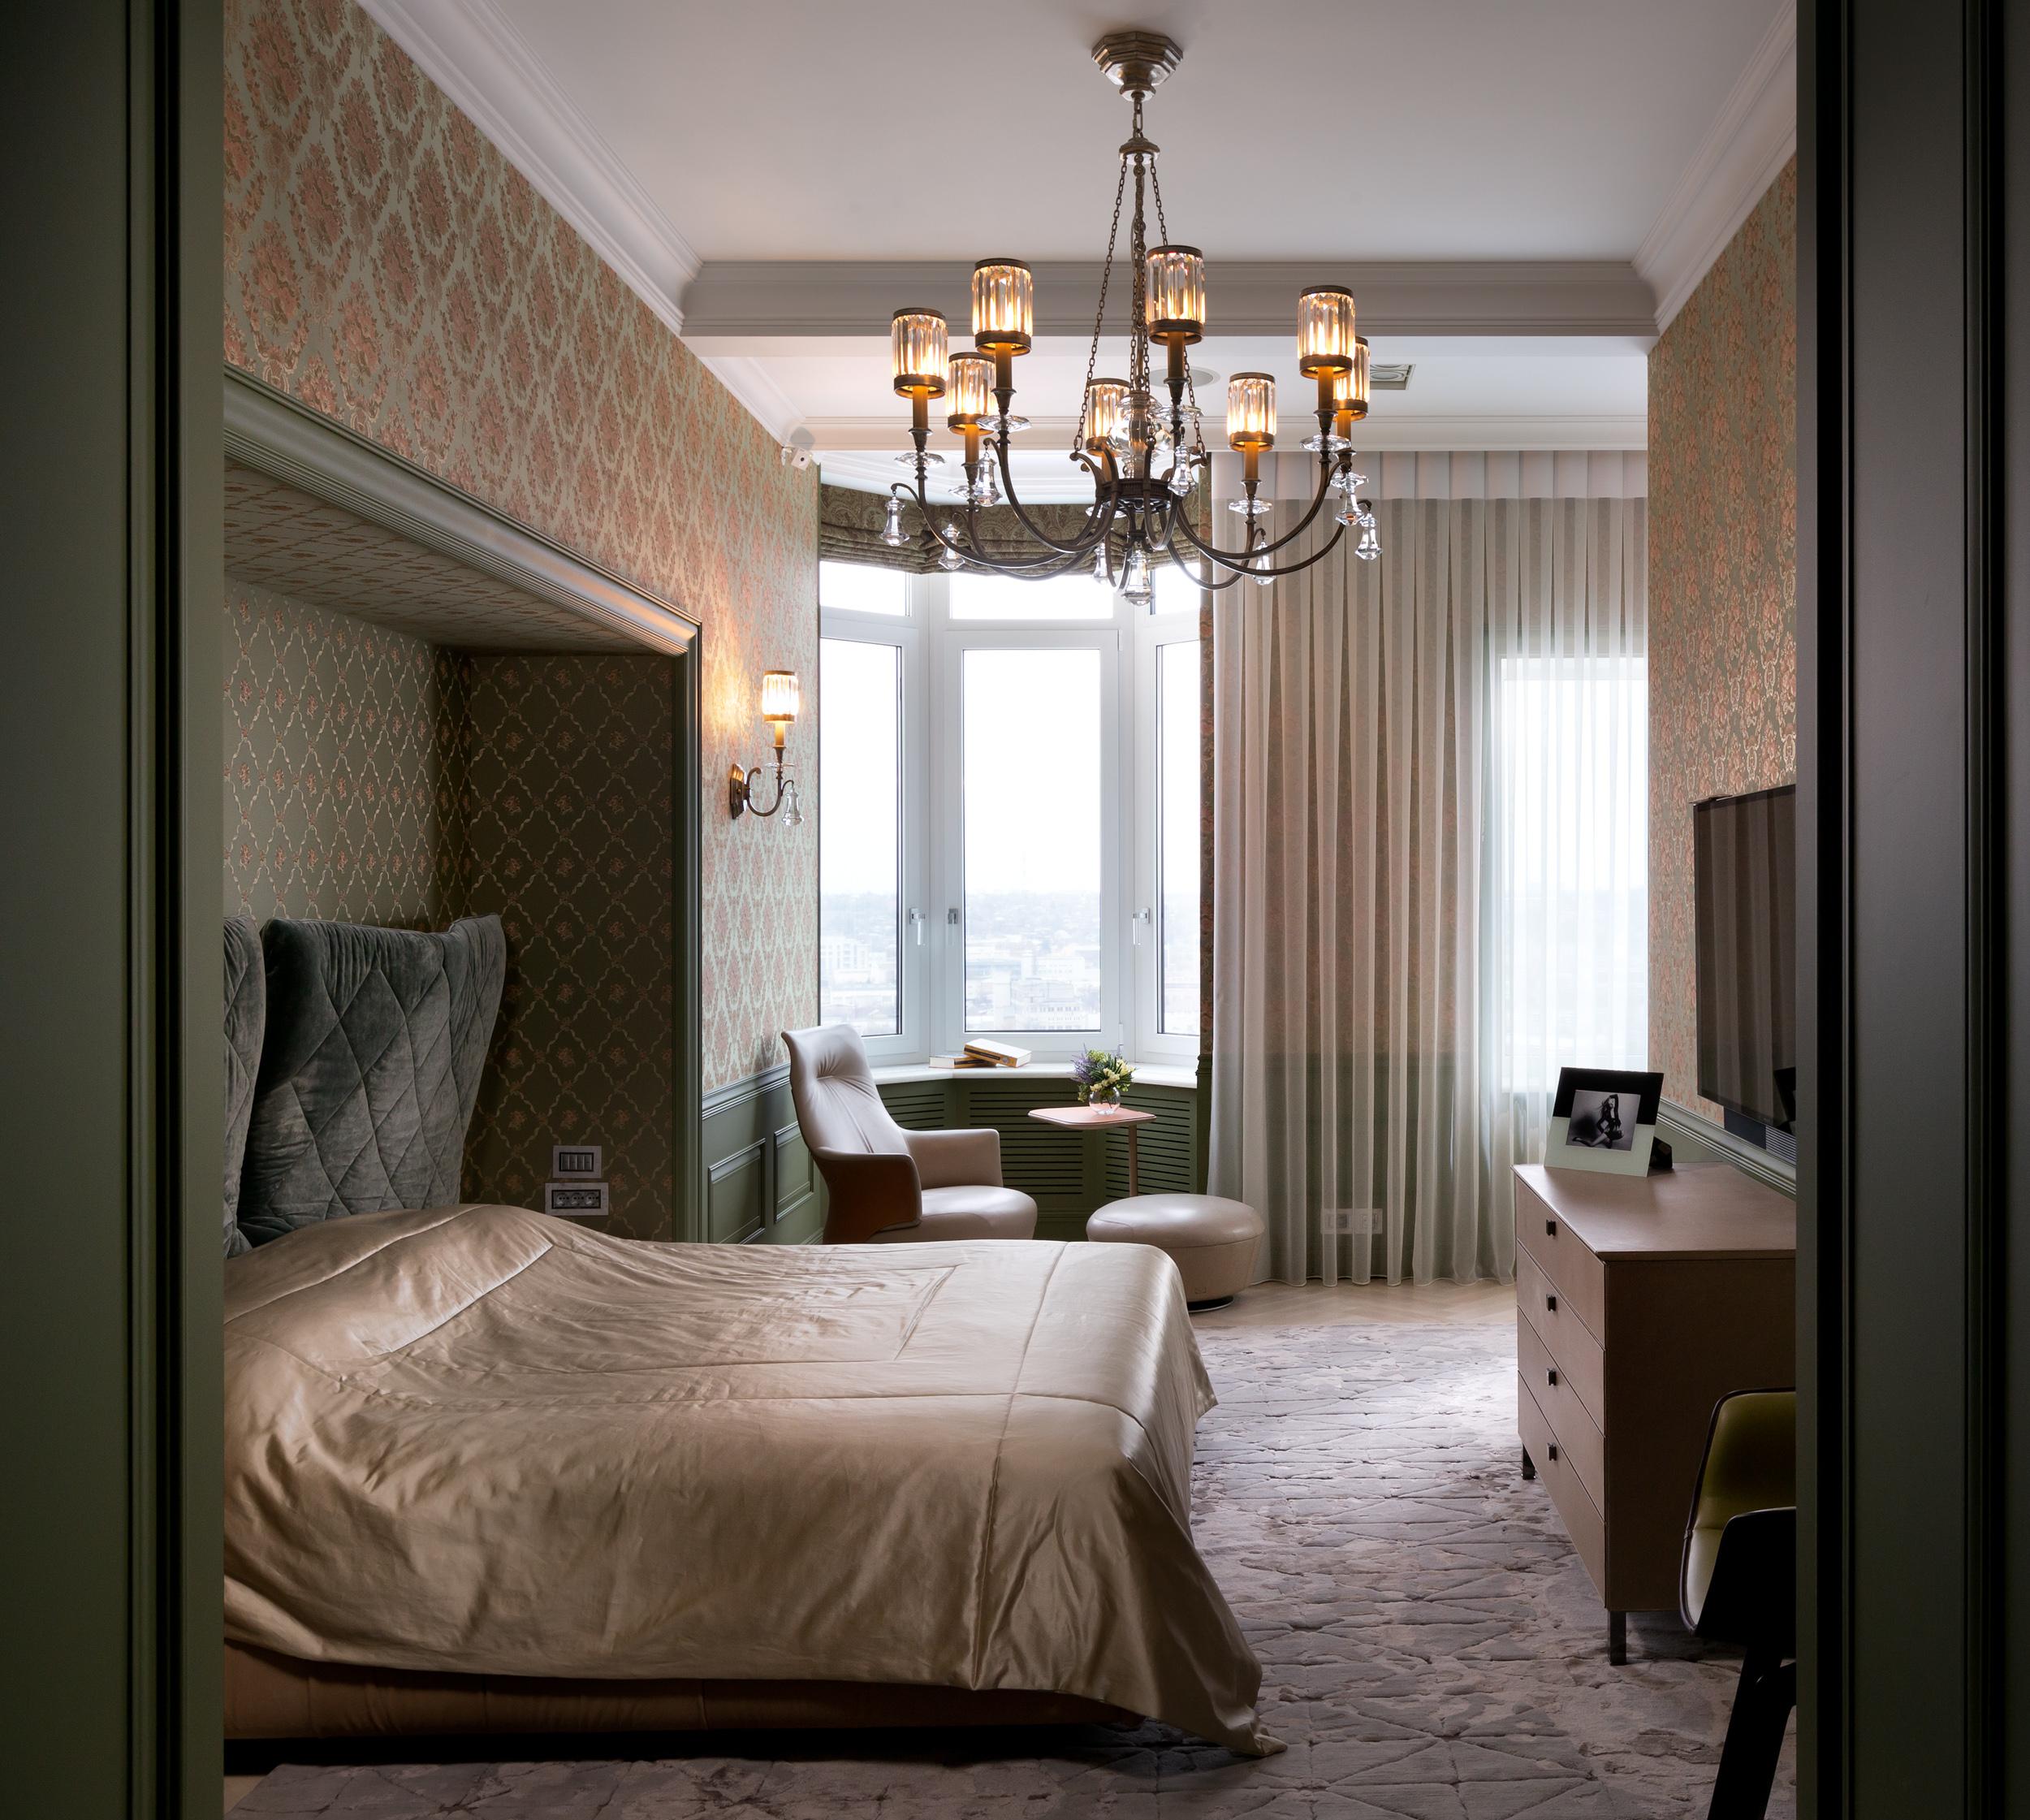 Textile high density jacquard wallpapers in the bedroom. Жаккардовые текстильные обои высокой плотности в спальне.